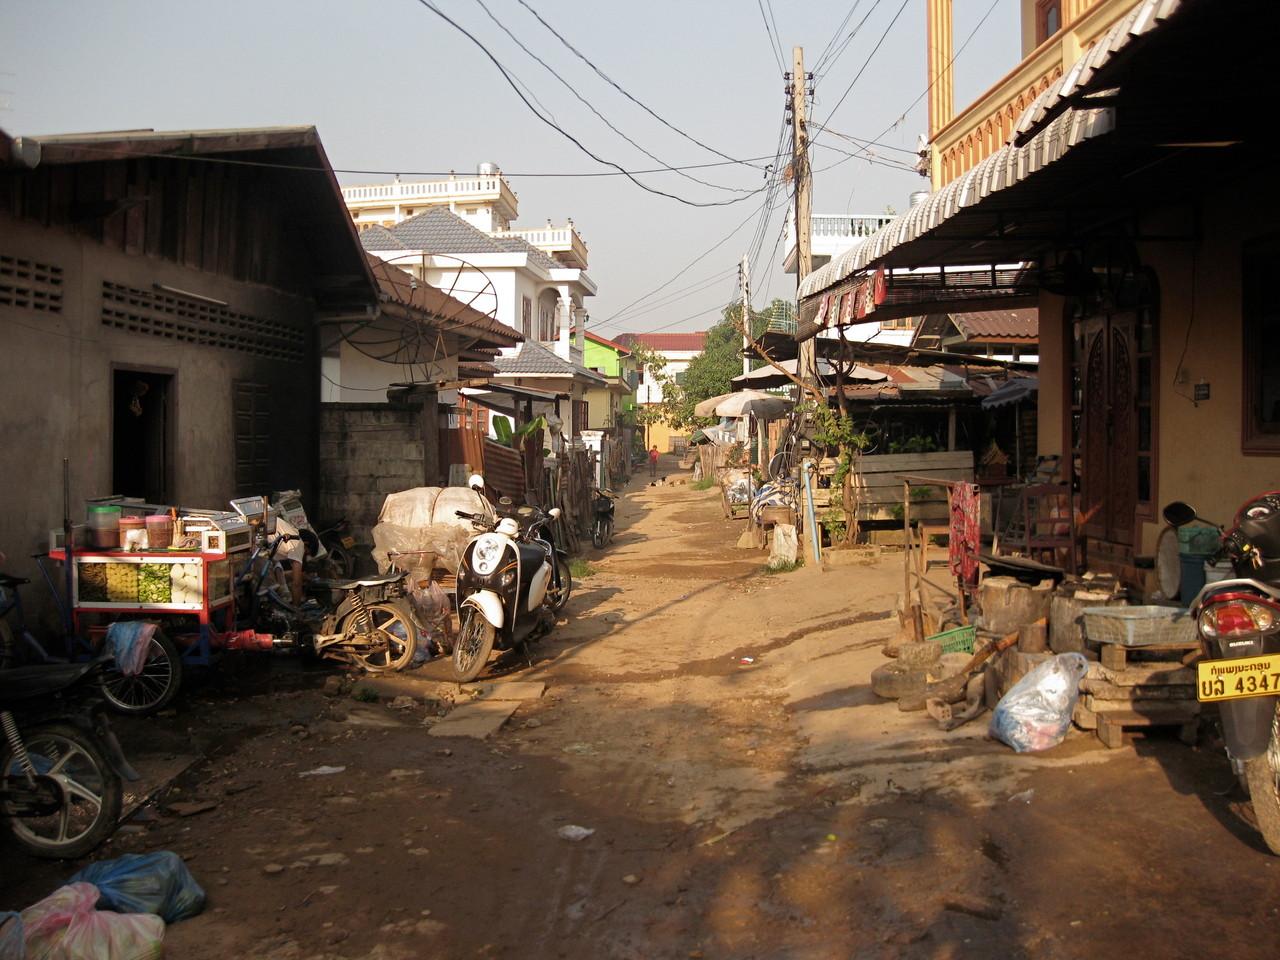 庶民が住む界隈の裏路地。屋台で商売する家が多そうだった。ゴミが散らばり、不衛生だった。しかしすぐ近所には豪邸も建っていた。